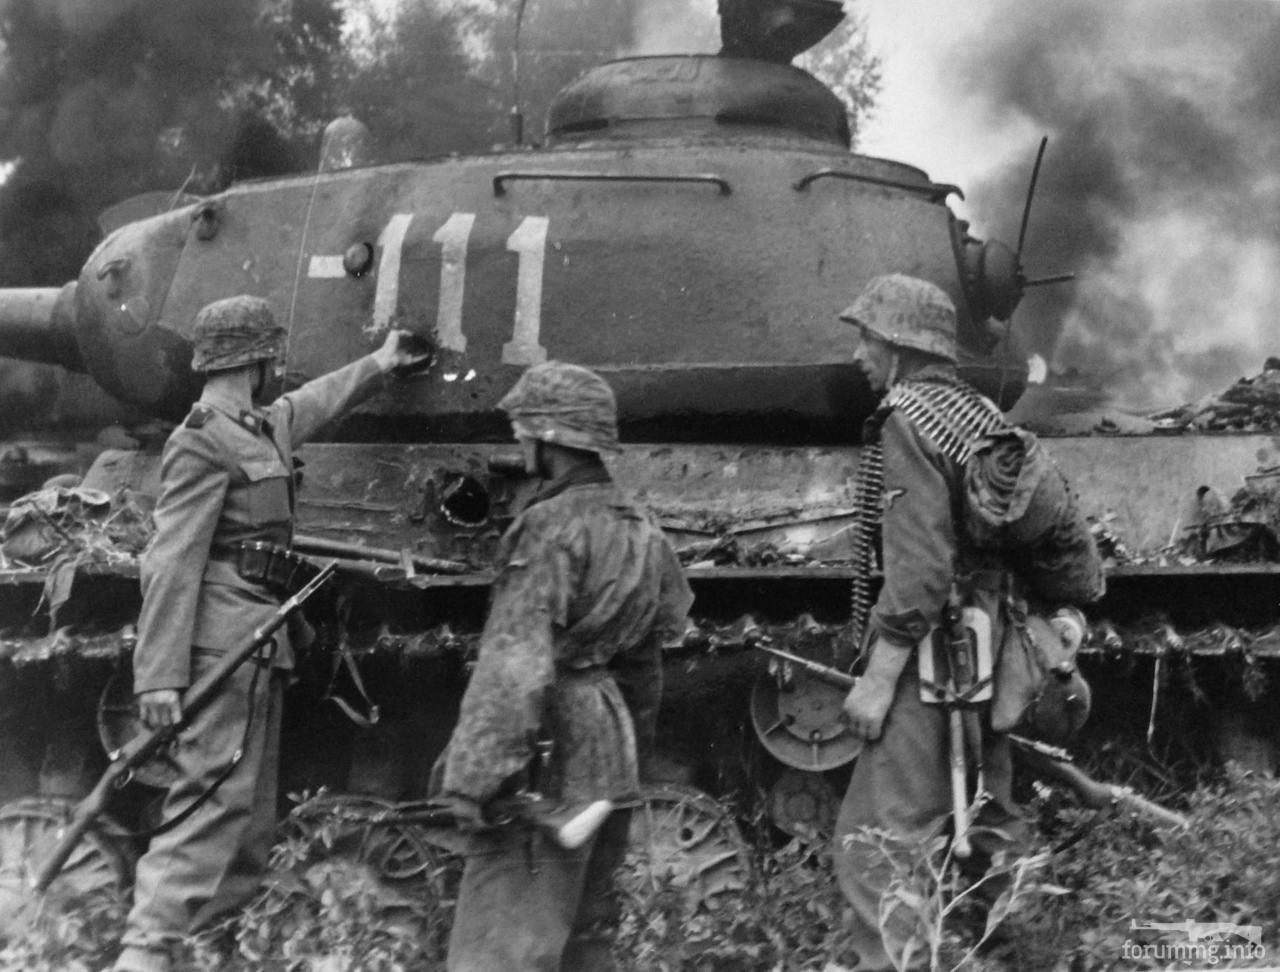 140076 - Военное фото 1941-1945 г.г. Восточный фронт.